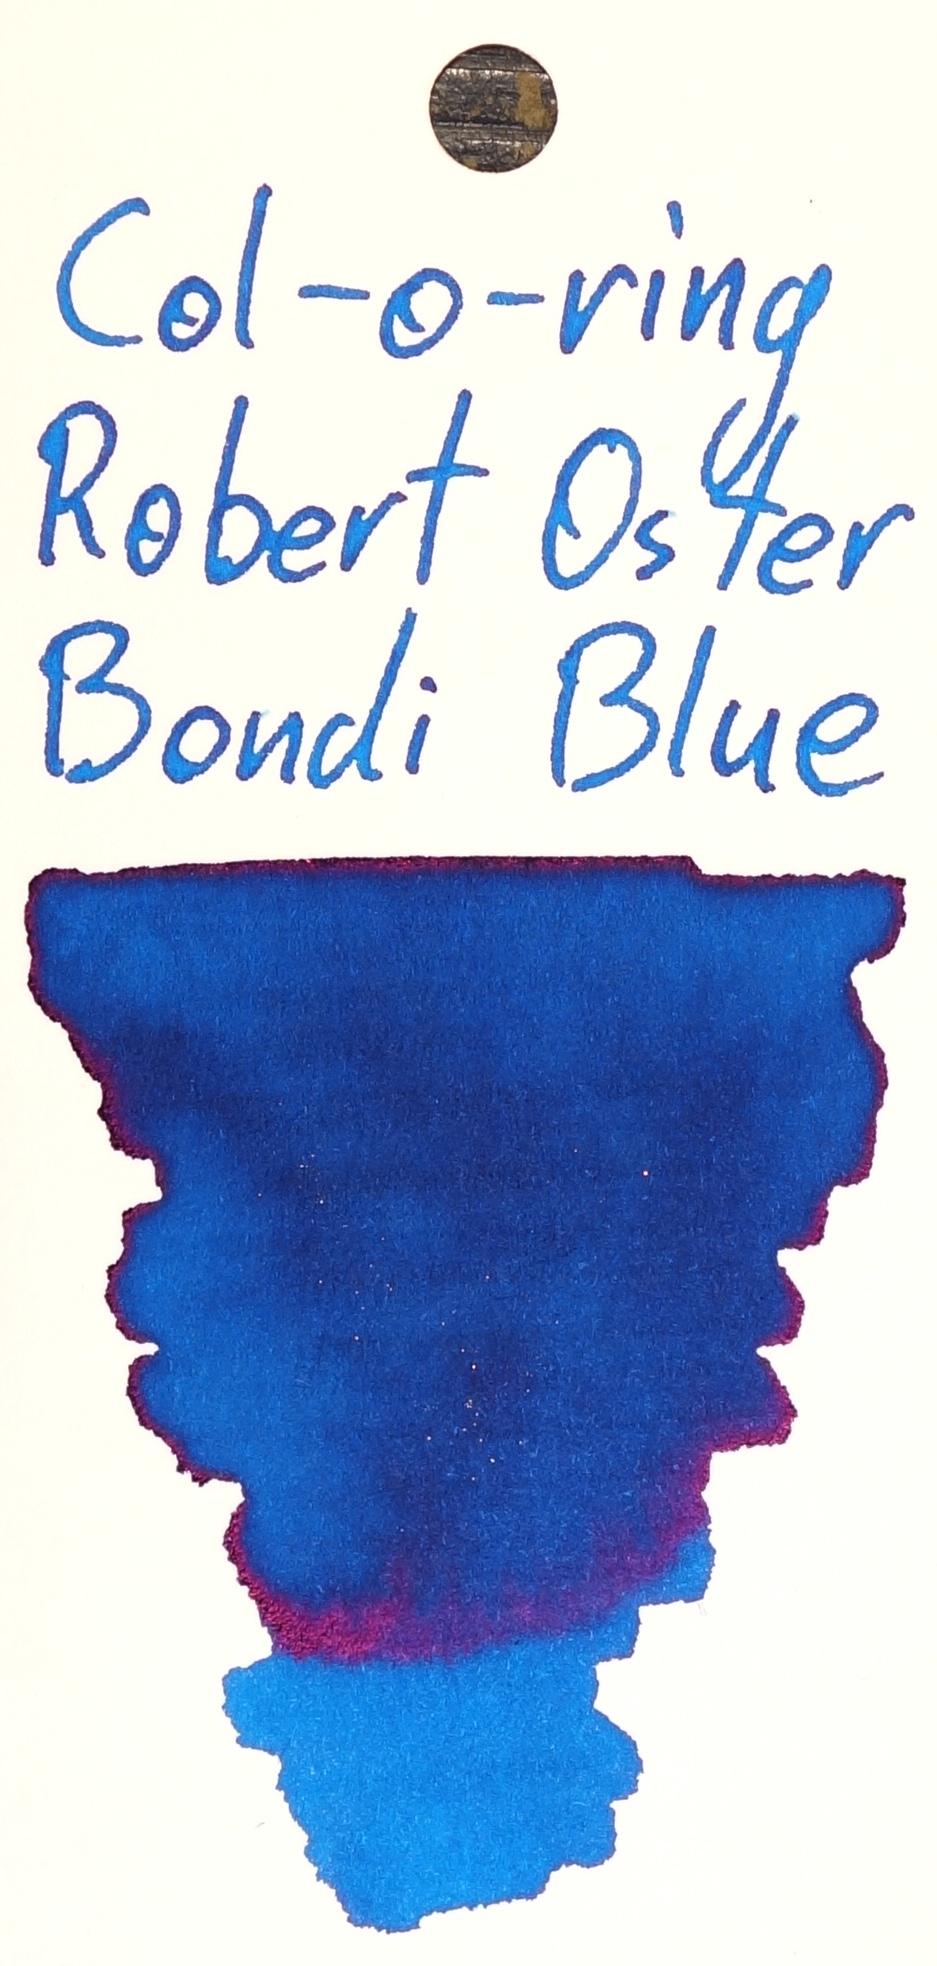 Robert Oster Bondi Blue Col-o-ring.JPG